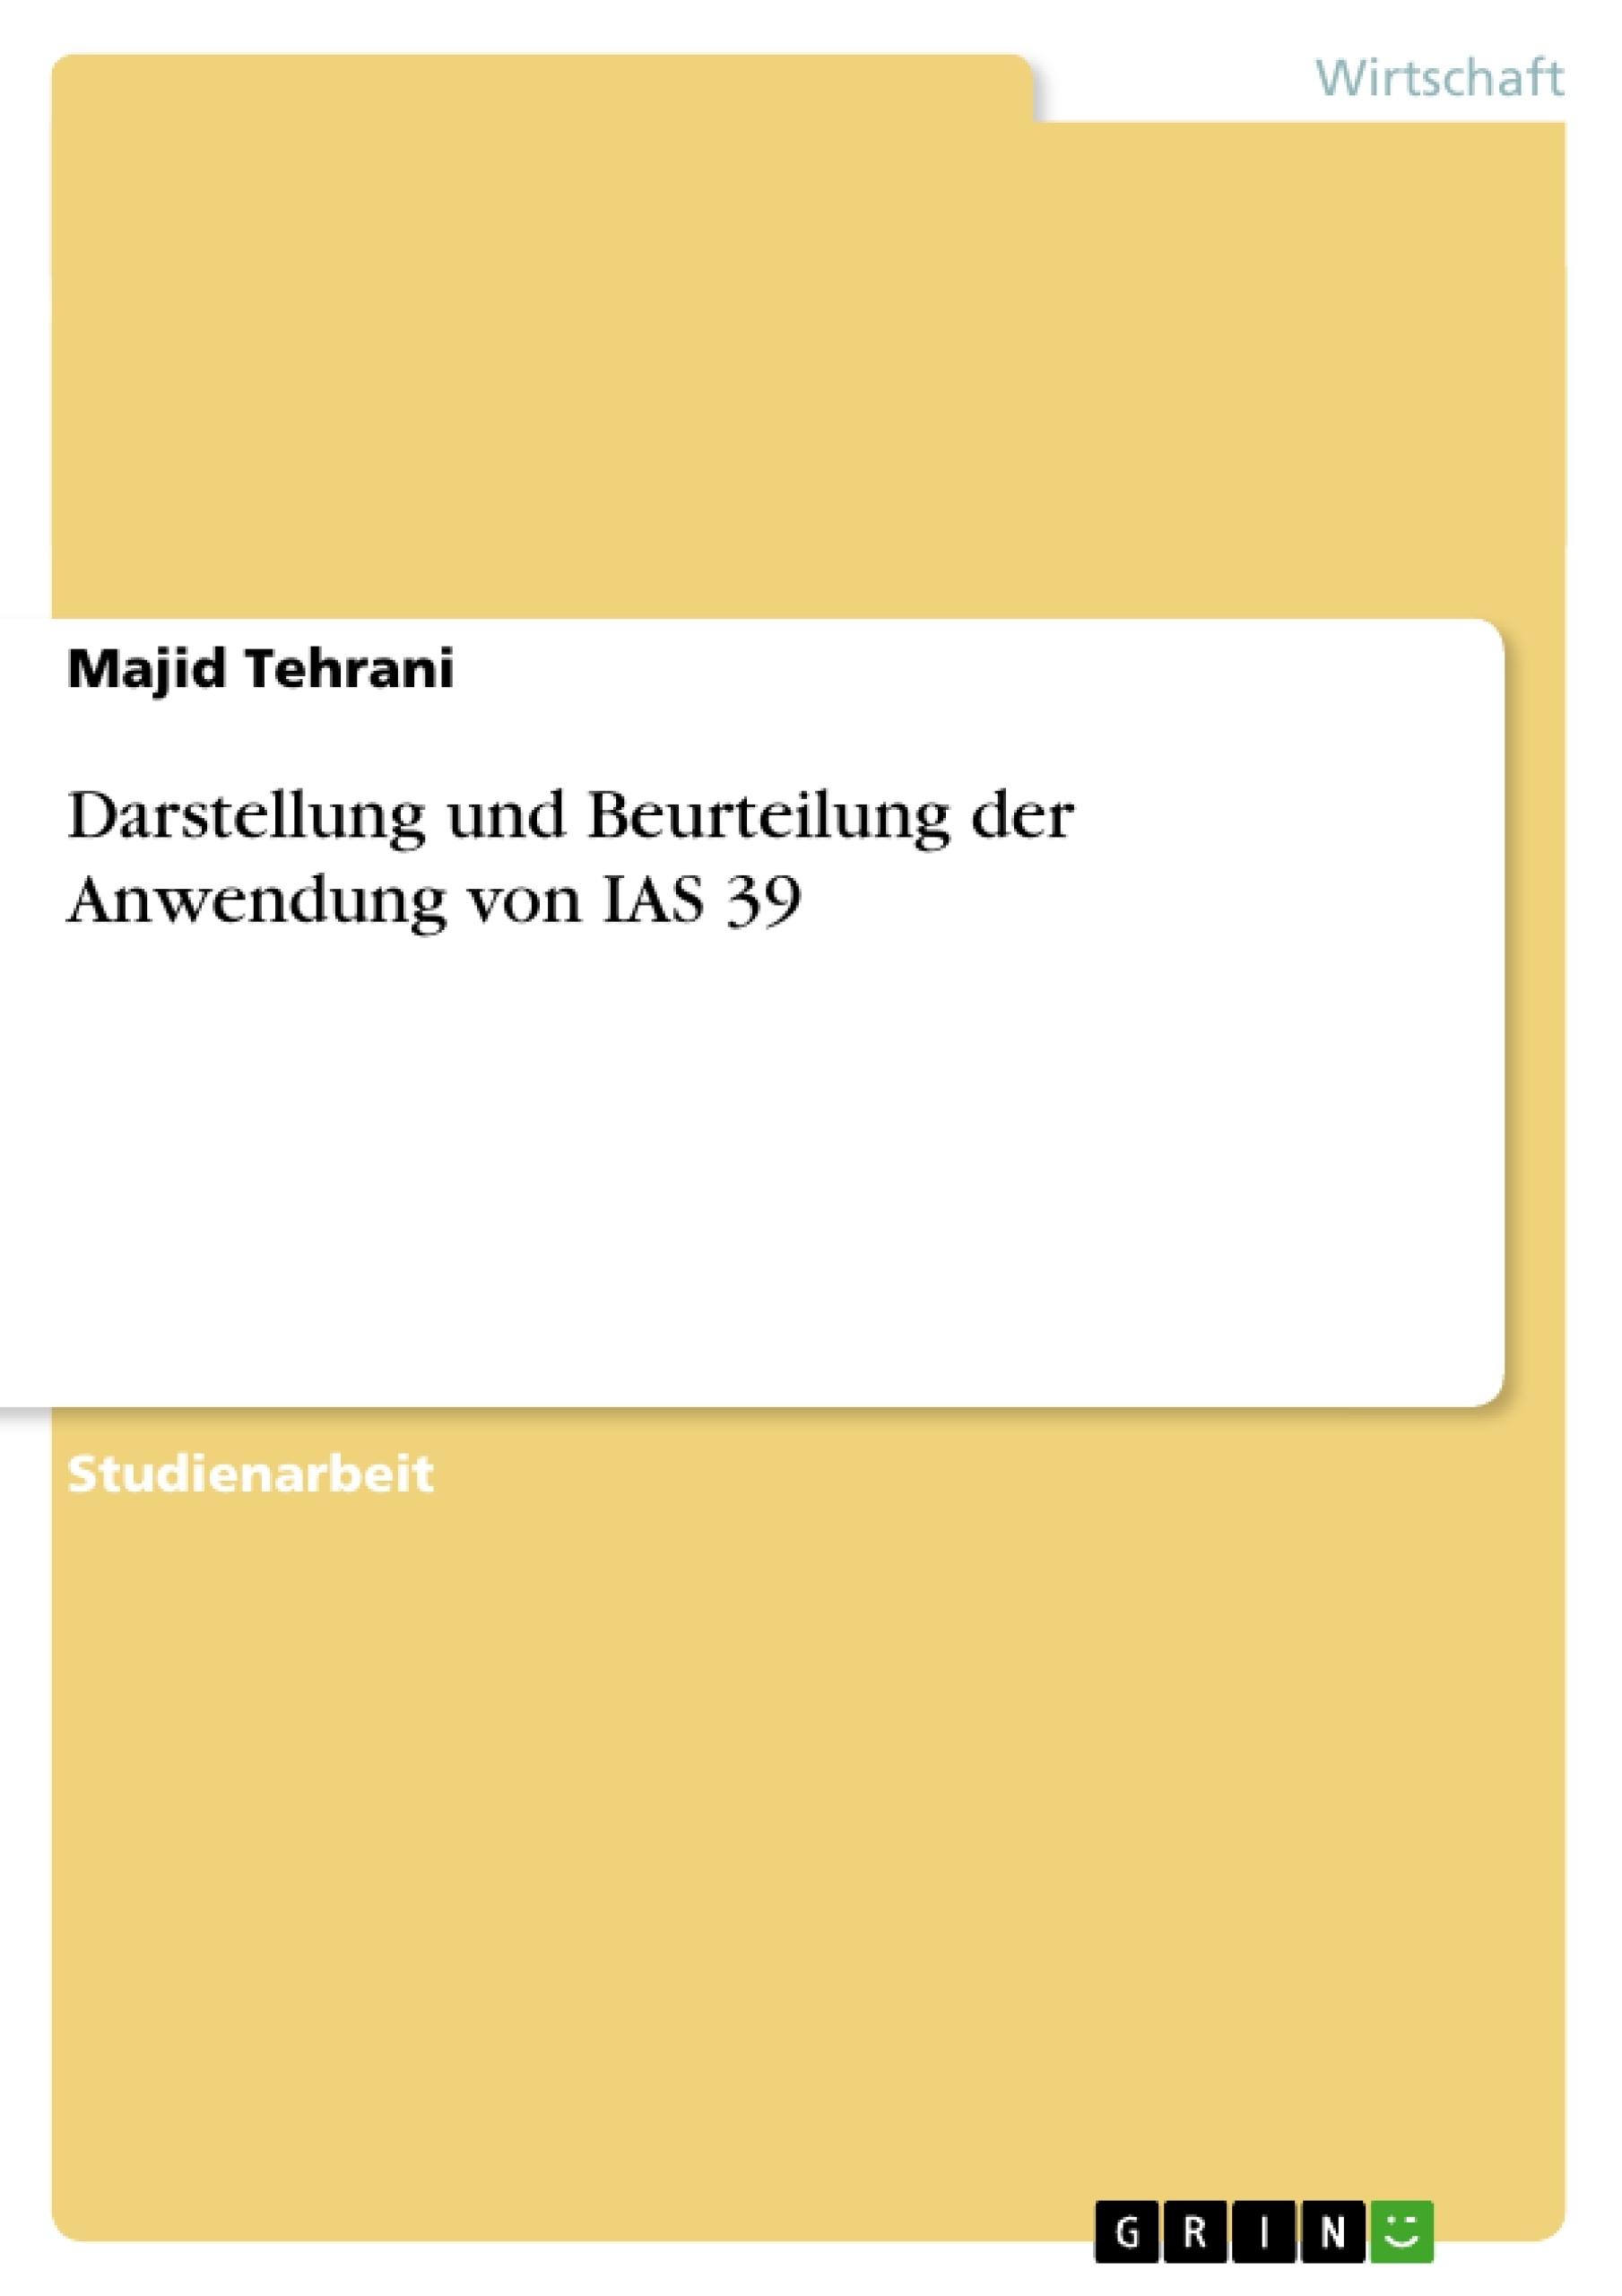 Titel: Darstellung und Beurteilung der Anwendung von IAS 39